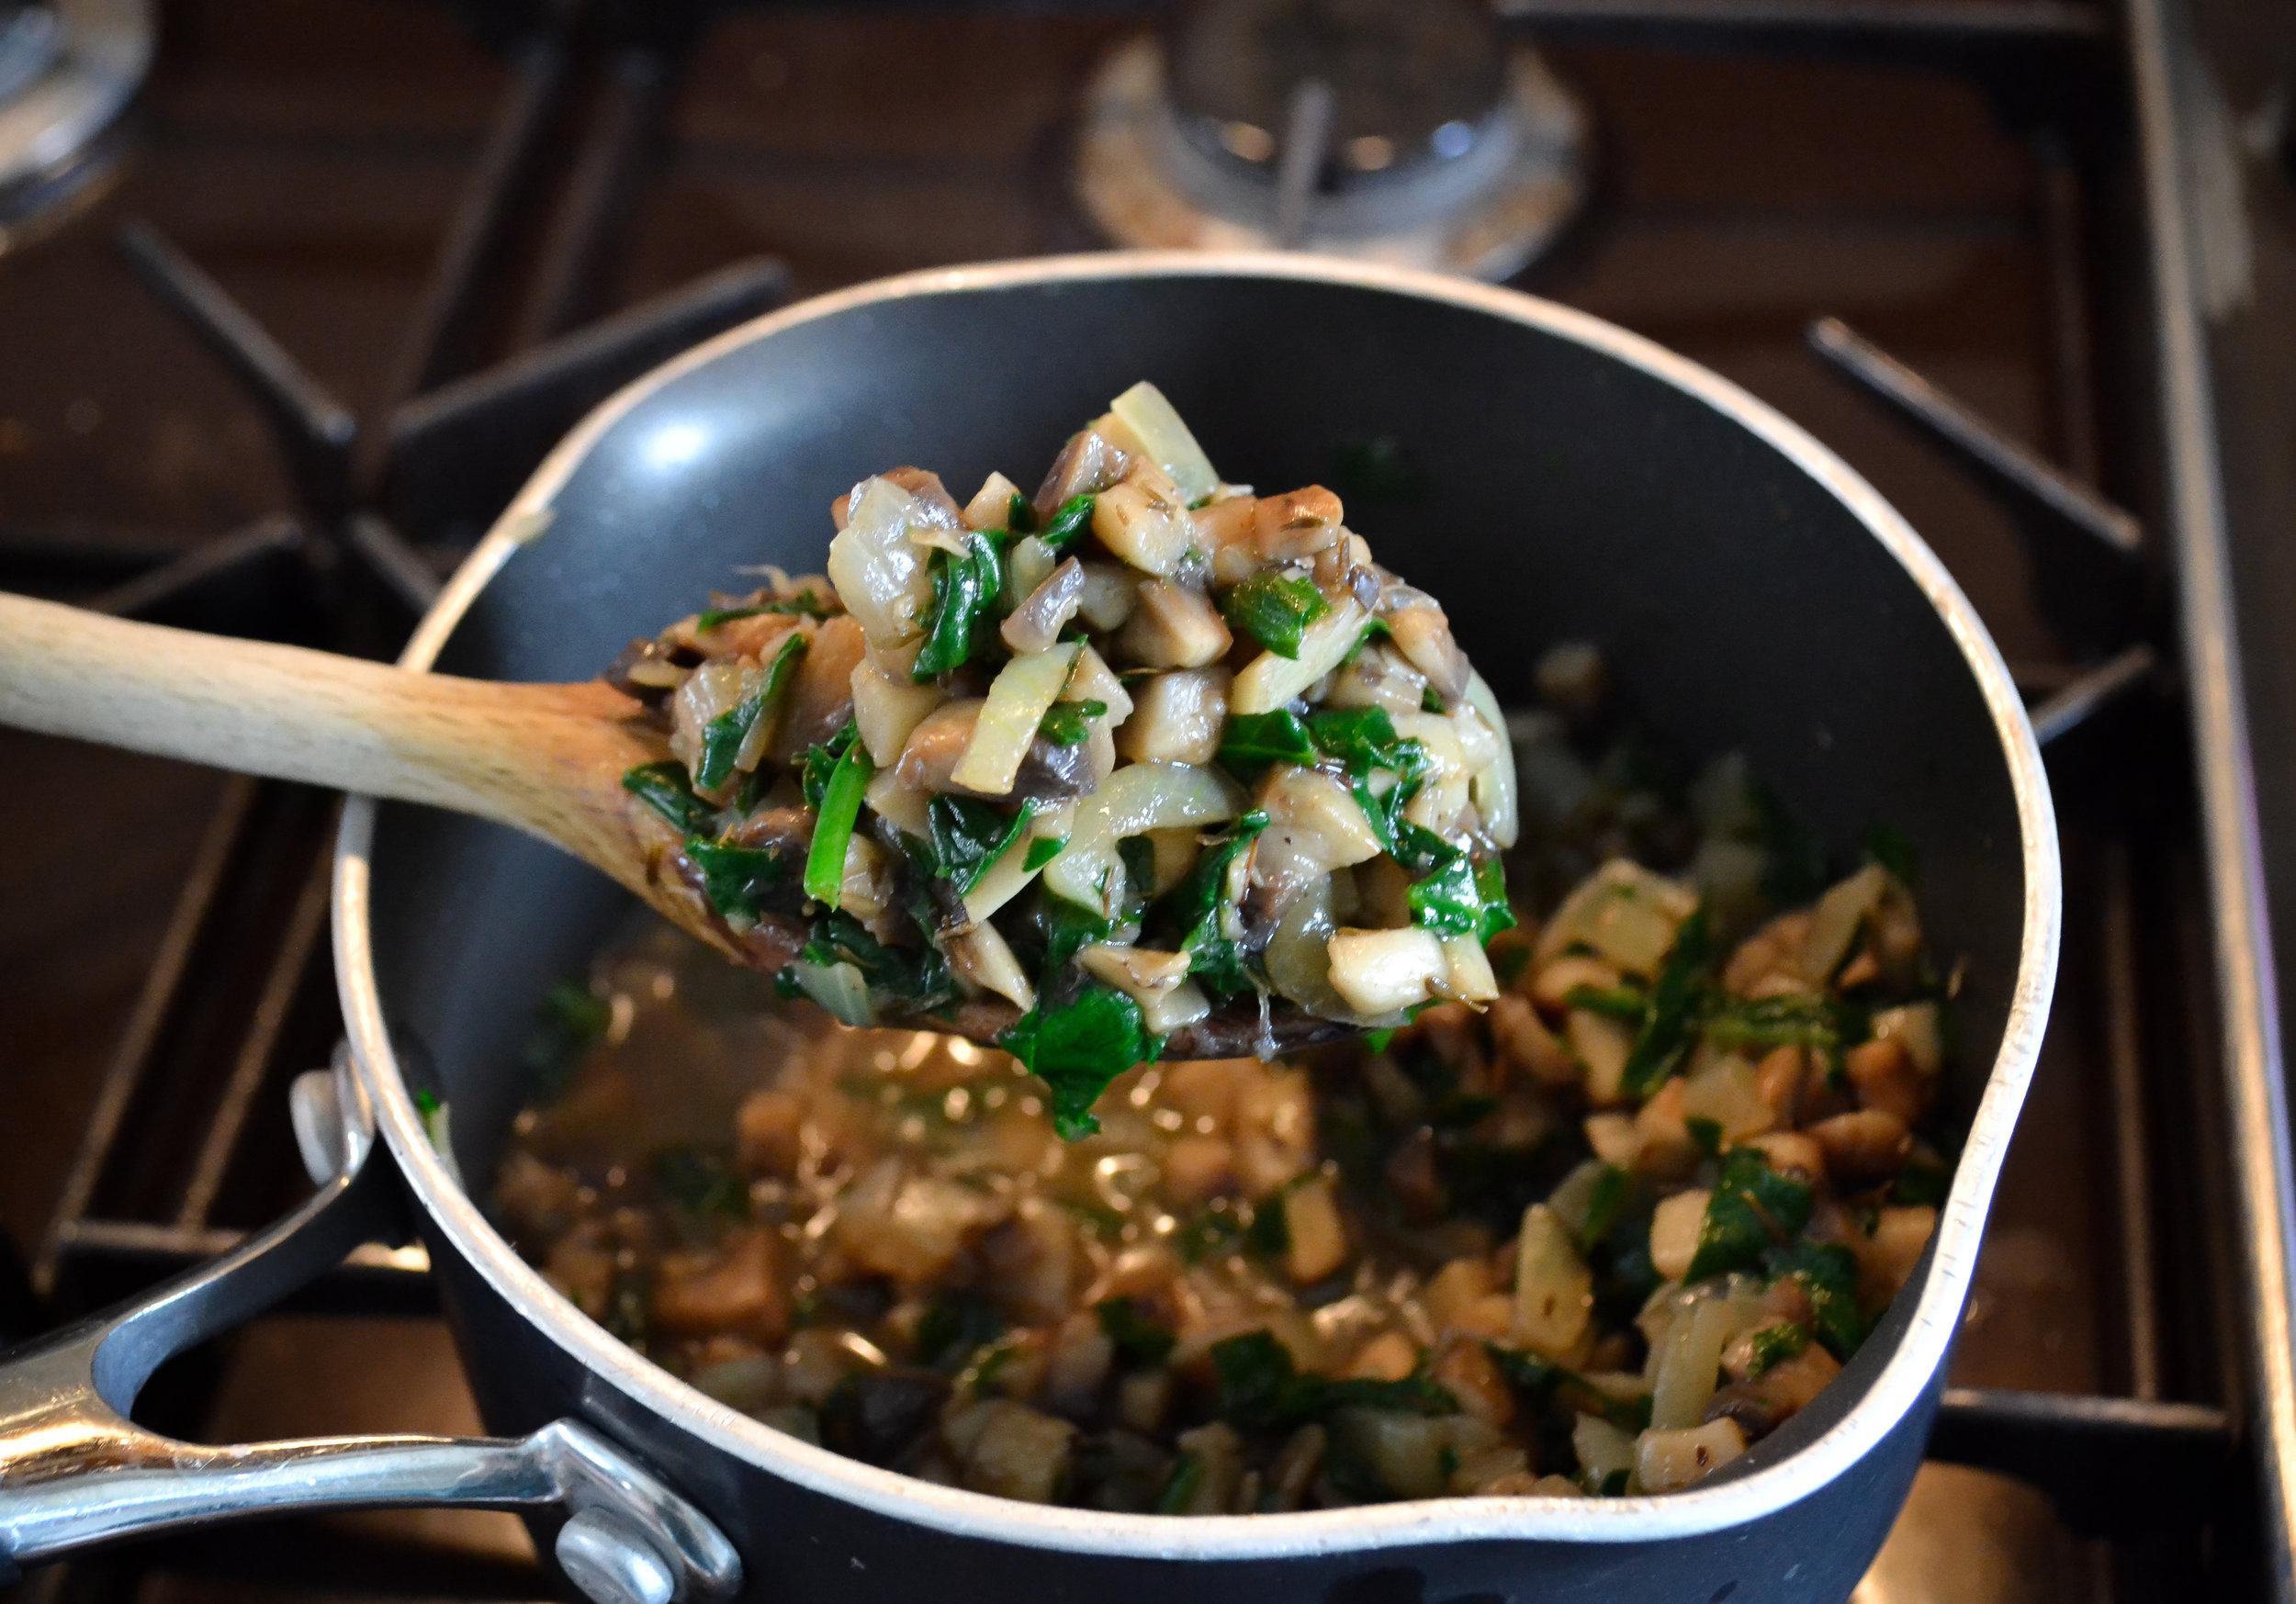 The mushroom mixture